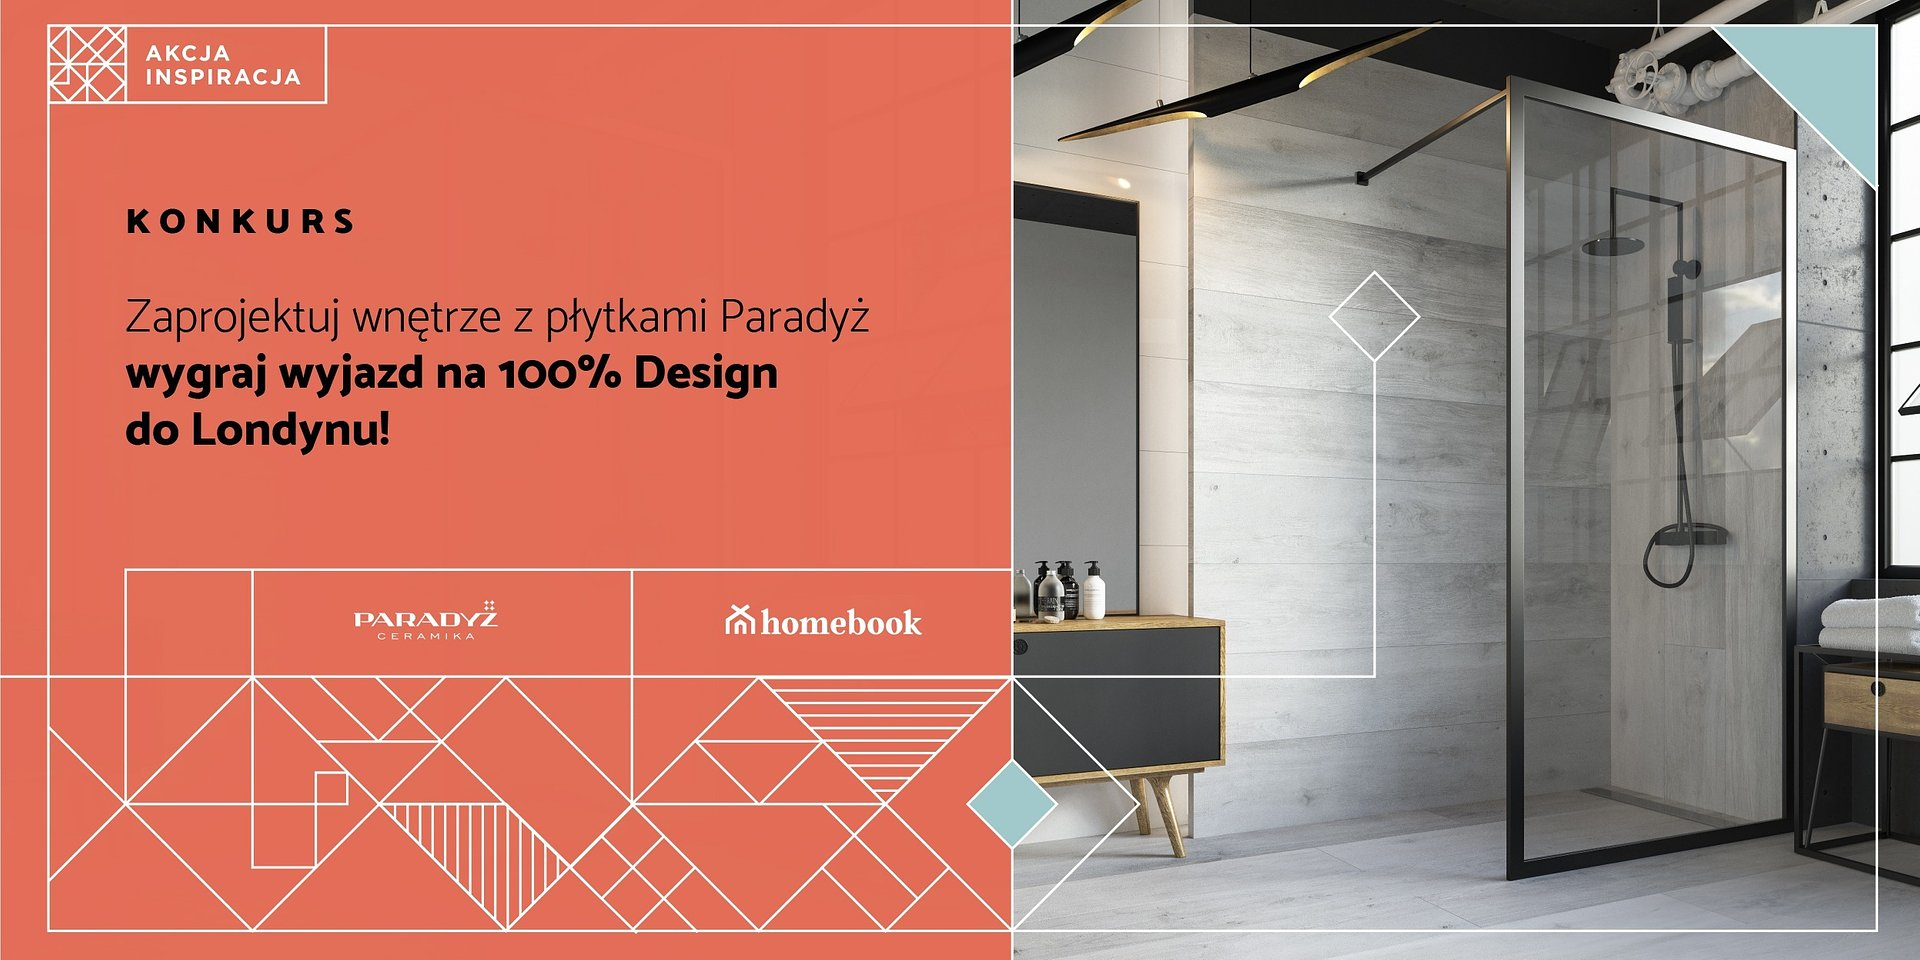 Rusza druga edycja konkursu dla projektantów – Akcja Inspiracja!